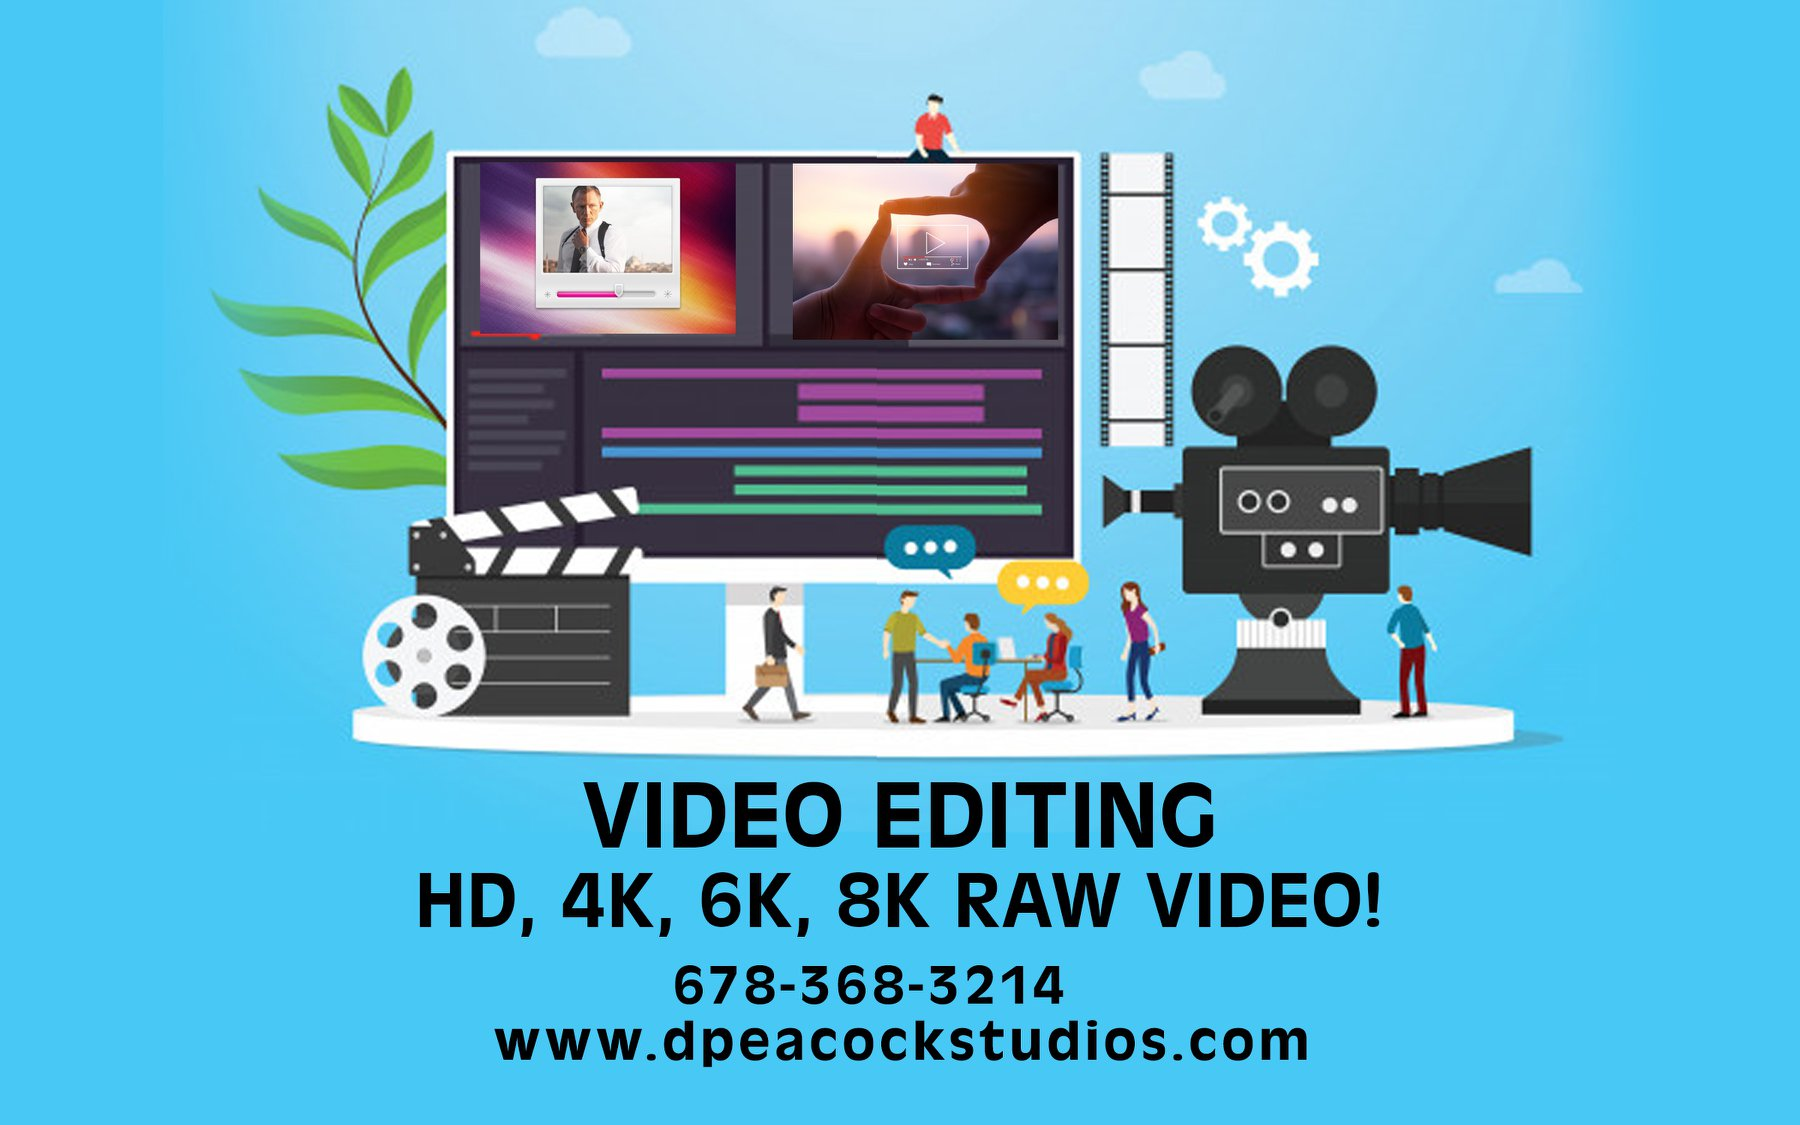 Atlanta Digital 4k, 6k, and 8k video editing